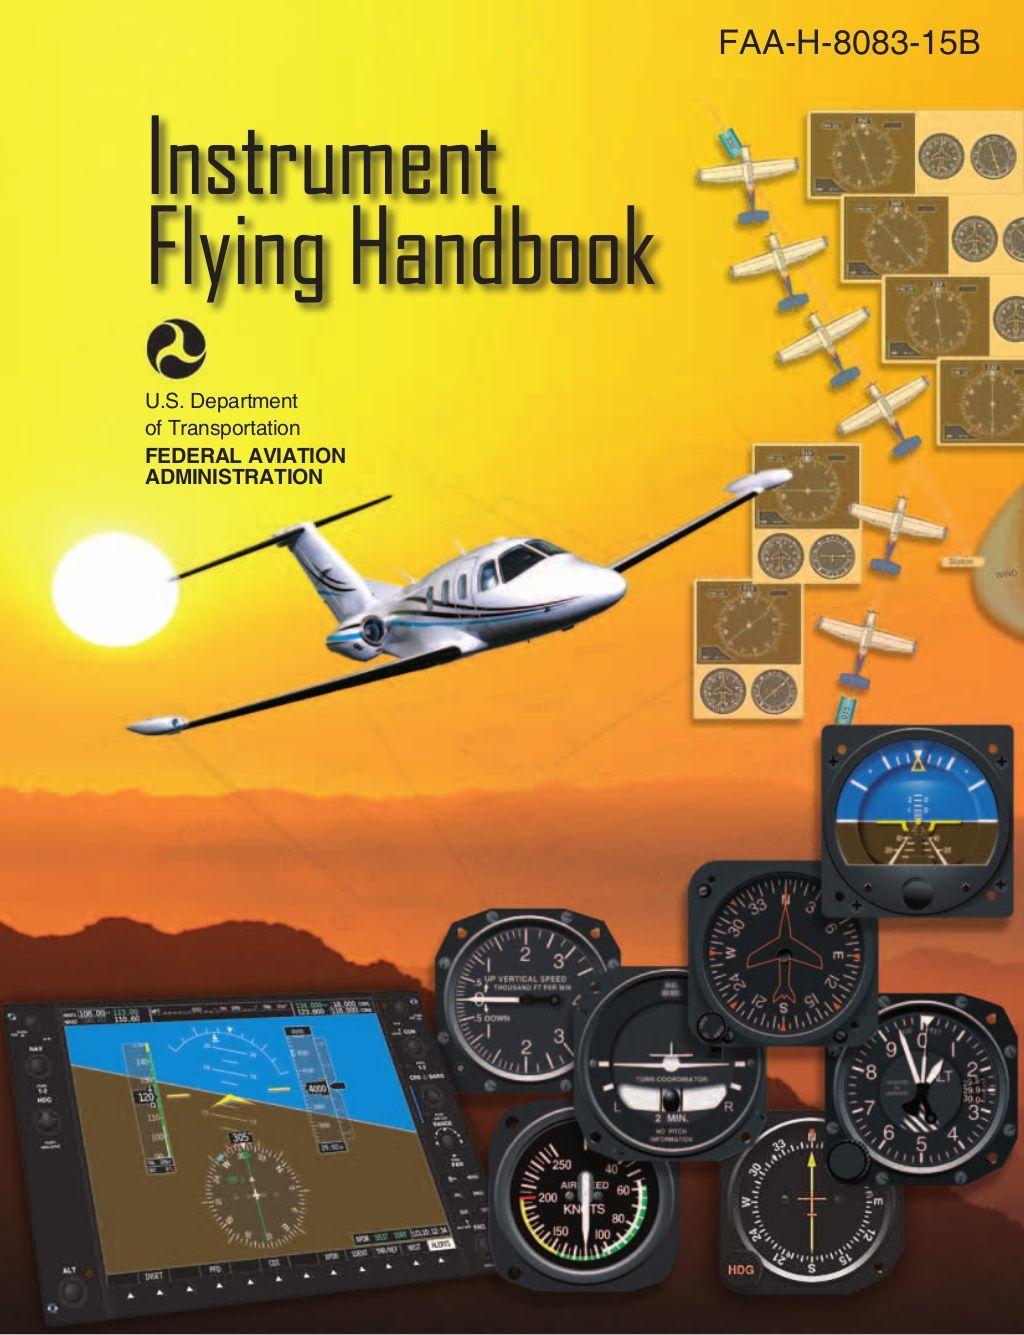 Instrument Flying Handbook Aviacao Fatos E Fotos Santos Dumont